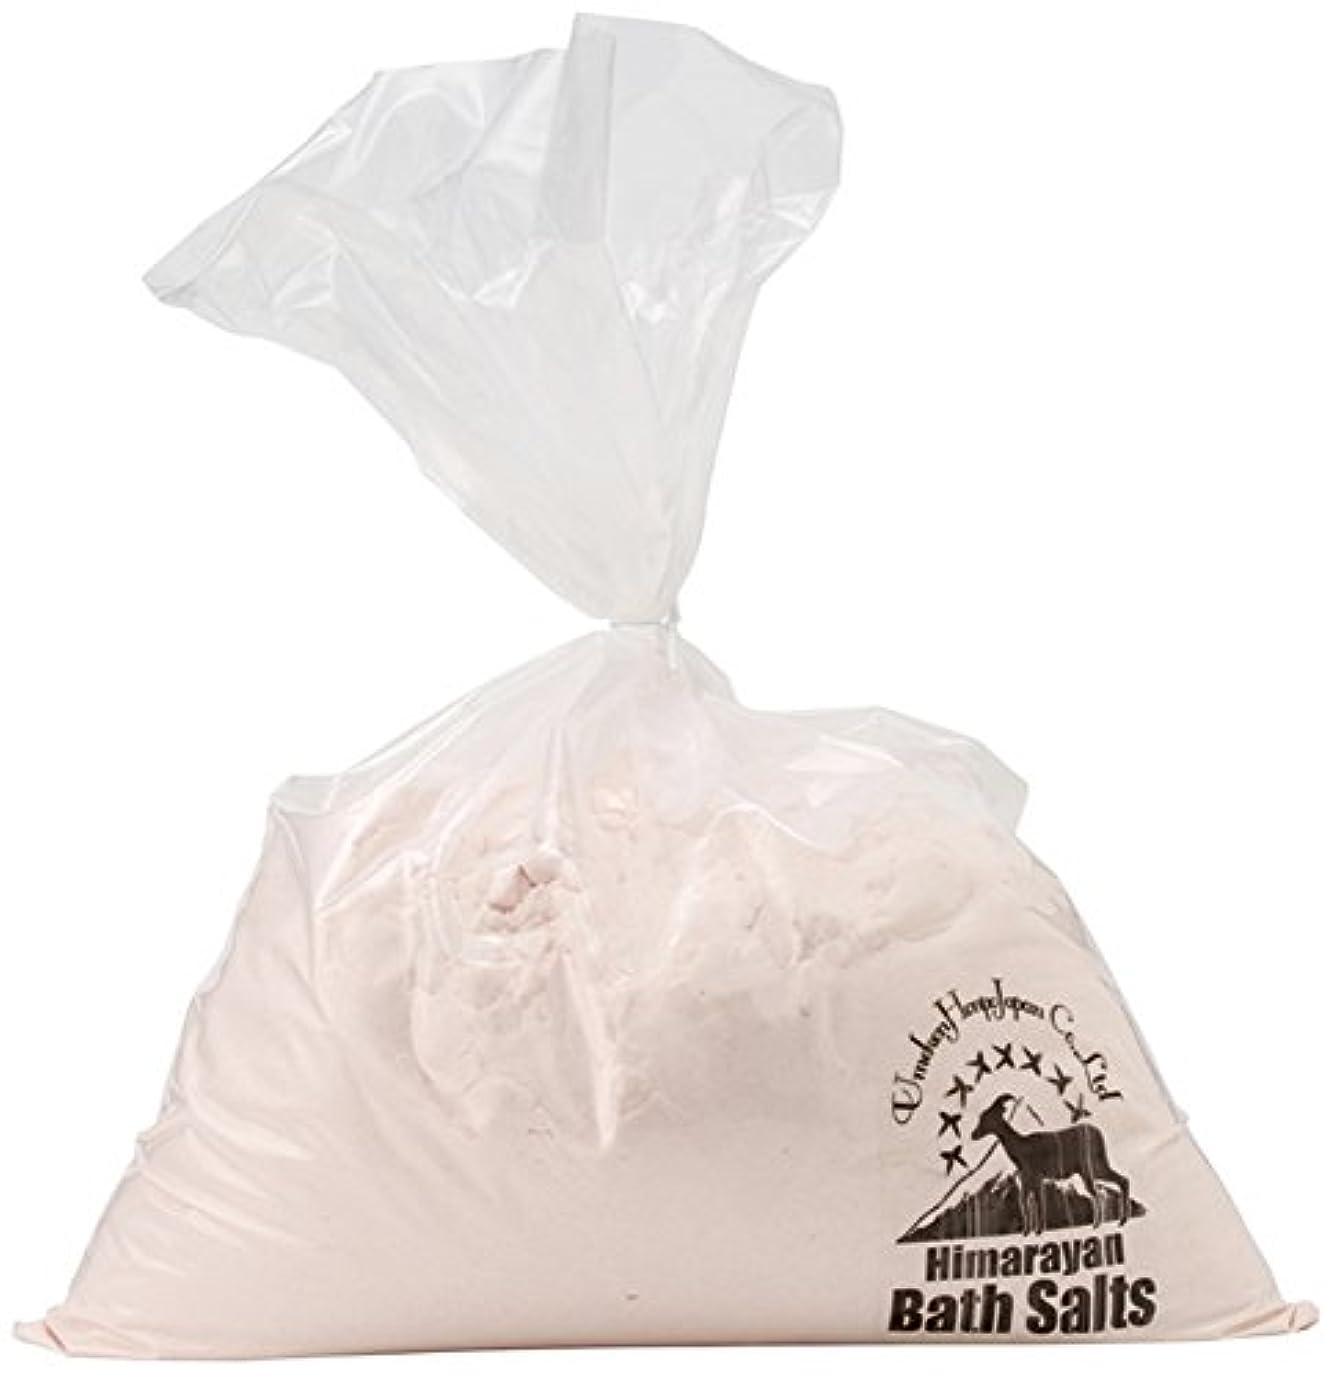 聴衆ロードブロッキング使役ヒマラヤ岩塩 バスソルト ピンク パウダー 5kg